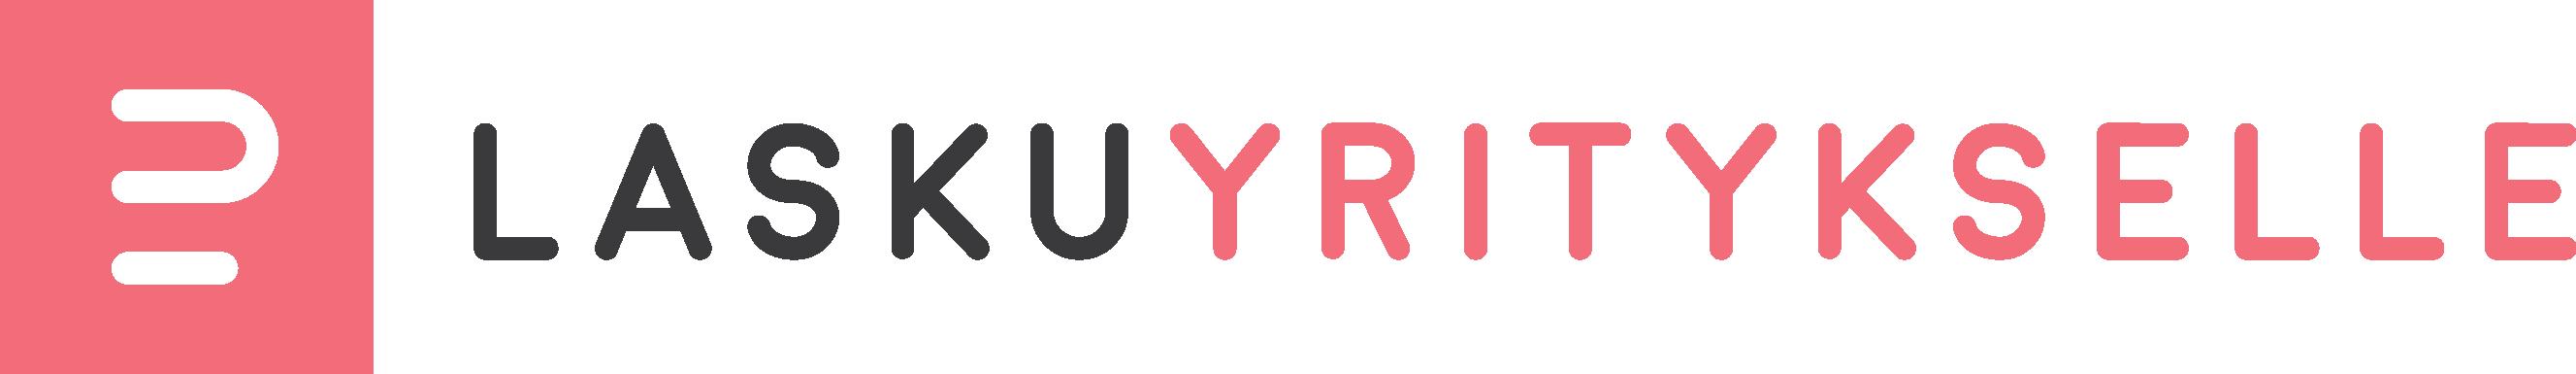 Lasku yritykselle logo